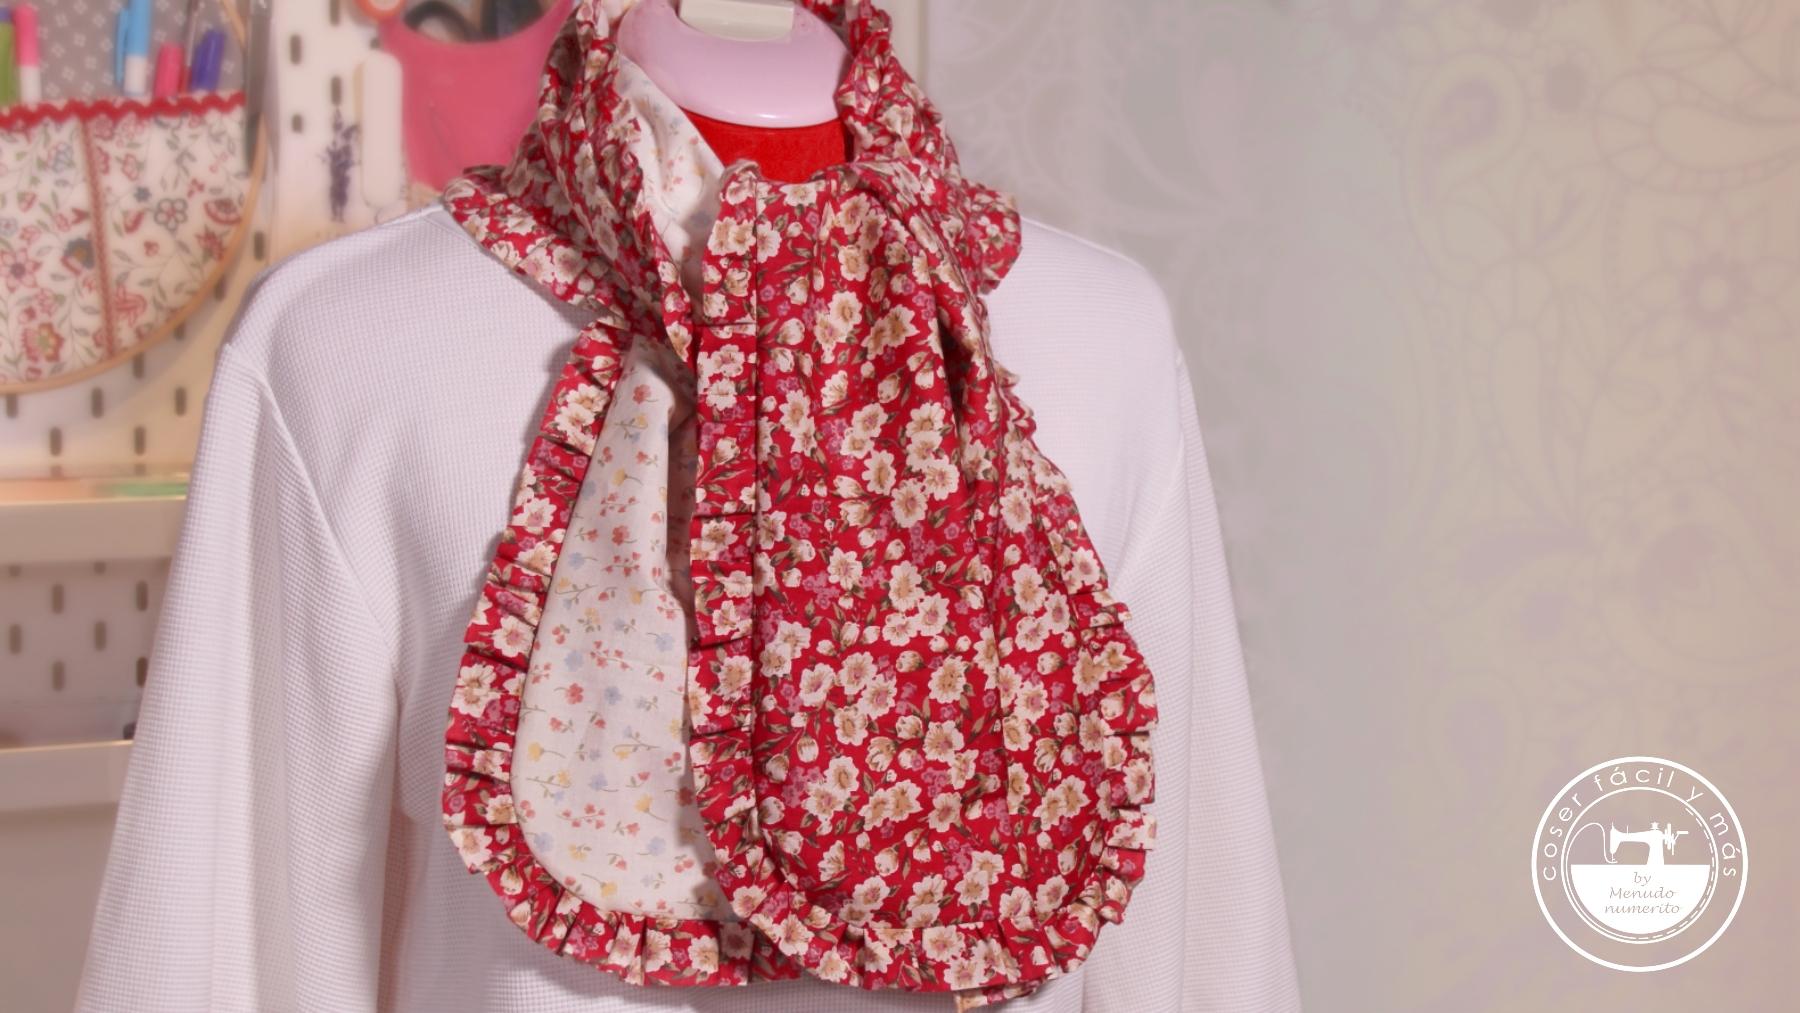 foulard reversible facil menudo numerito blogs de costura